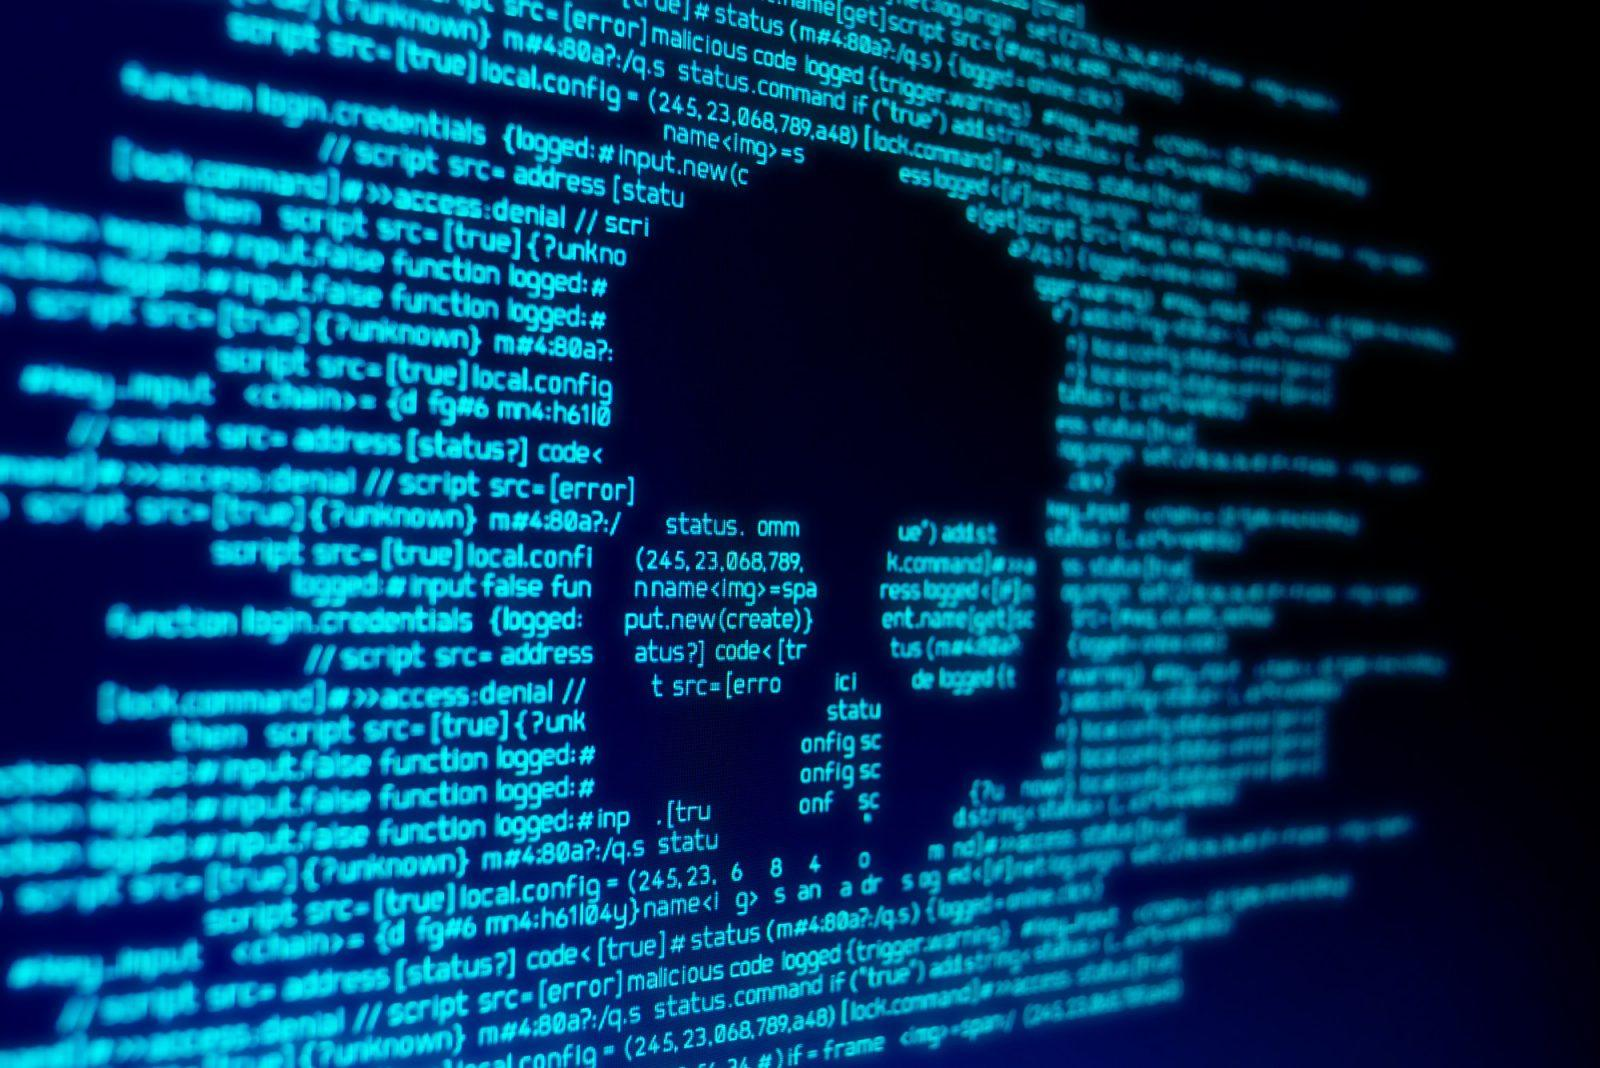 generic-computer-virus-image-warning